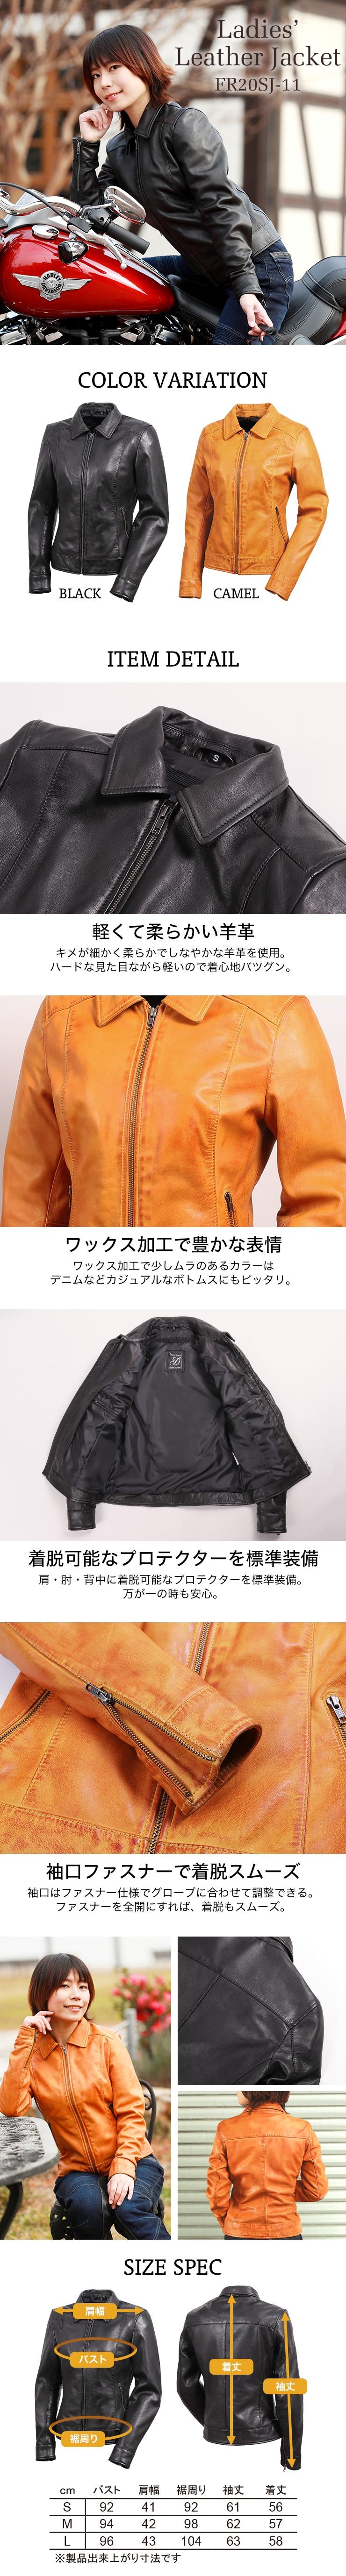 デグナー DEGNER ライダースジャケット FR20SJ-10 レディース 本革 レザーシープ